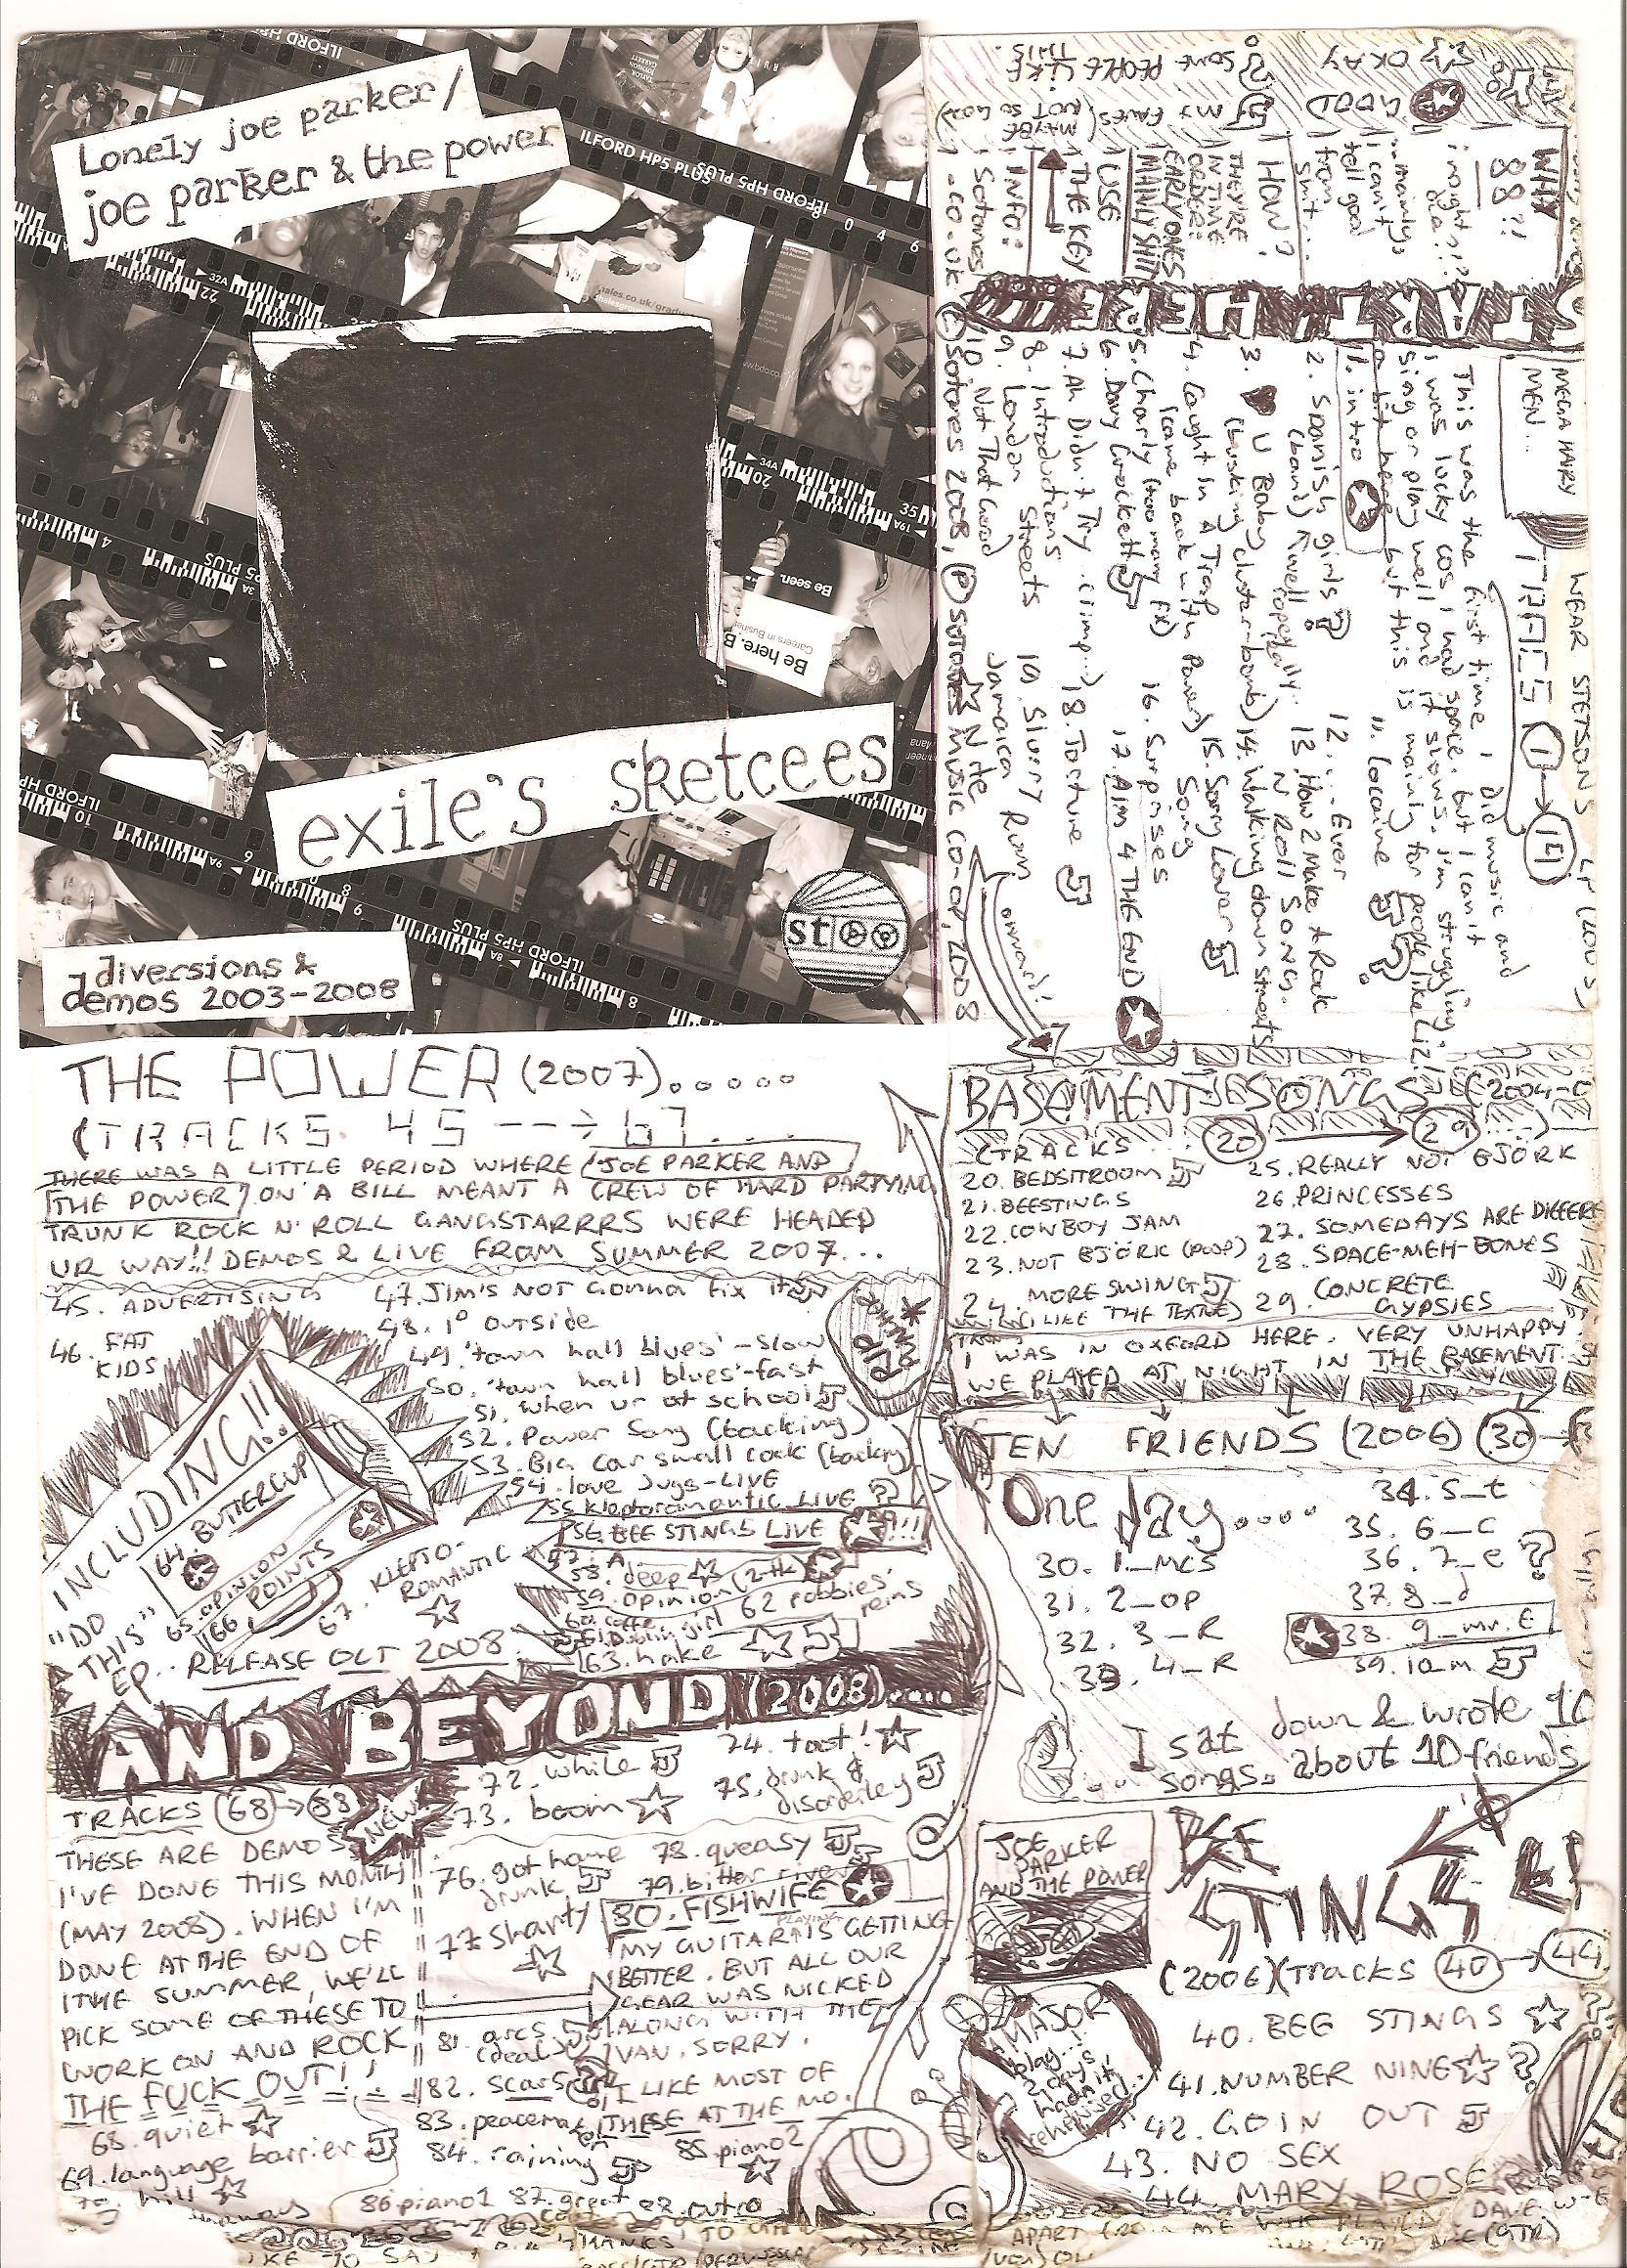 Exiles Sketches